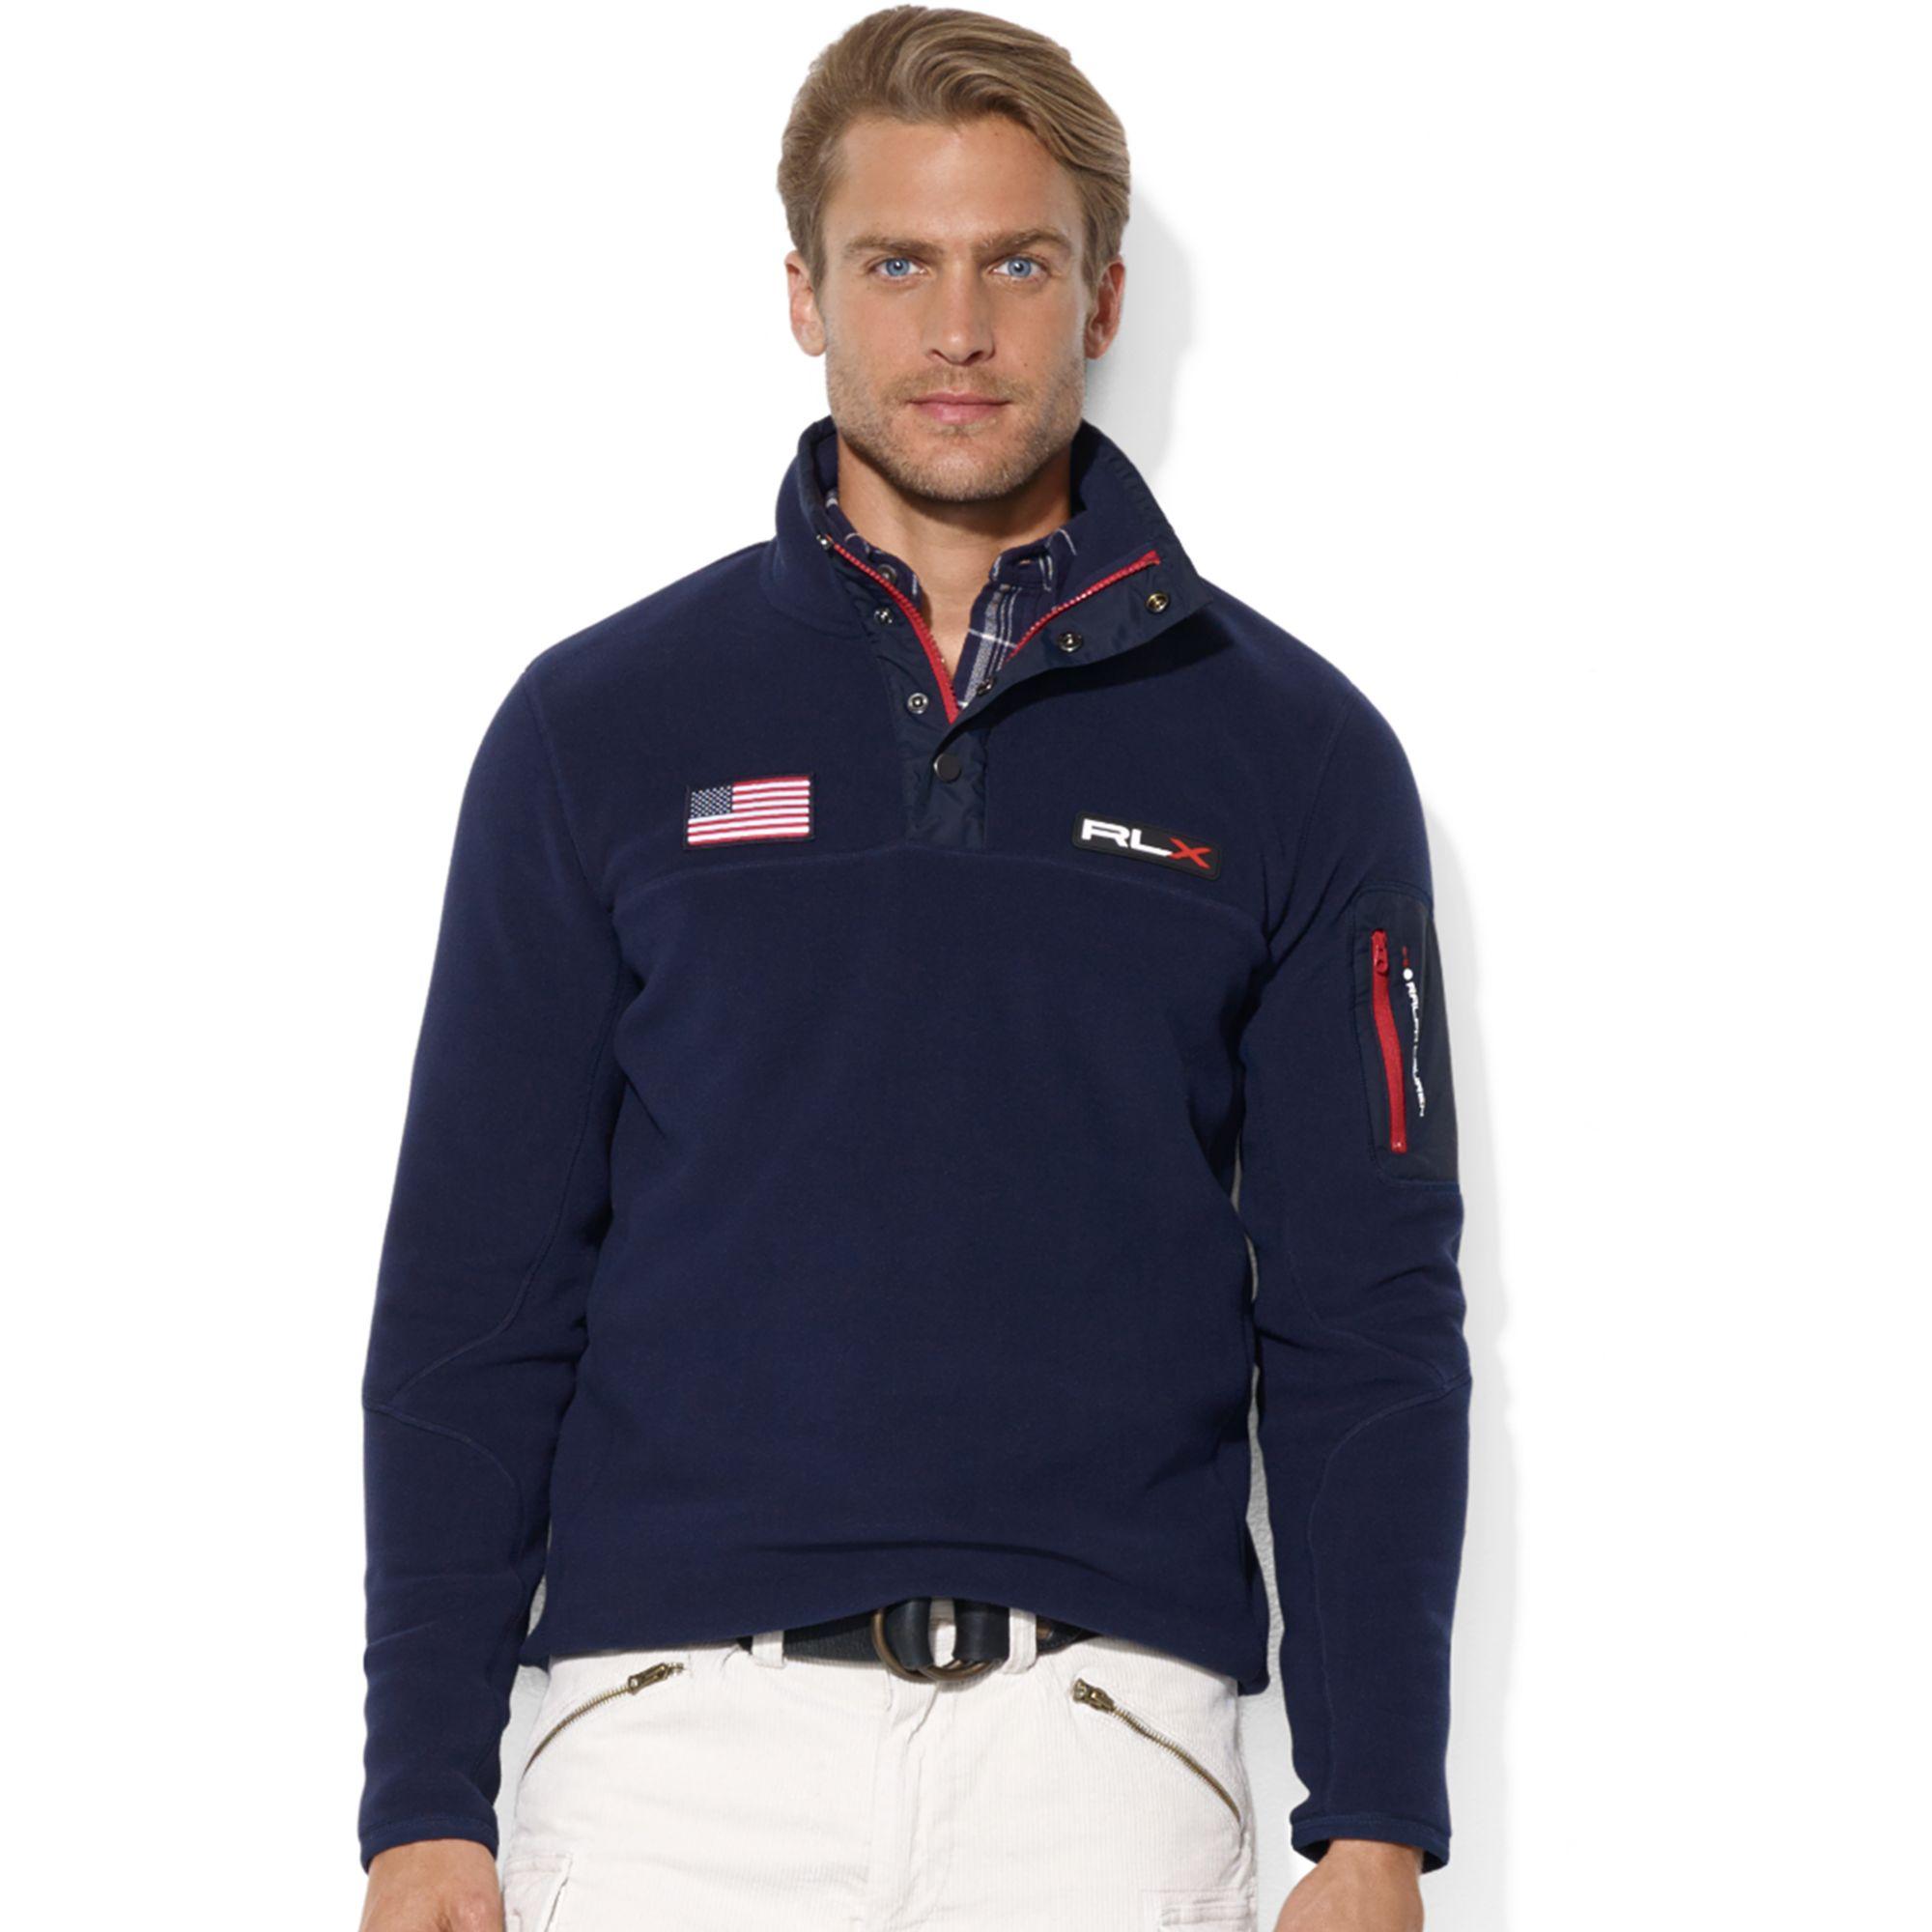 Ralph Lauren - Ralph Lauren Mens Fleece Mock Neck Jacket